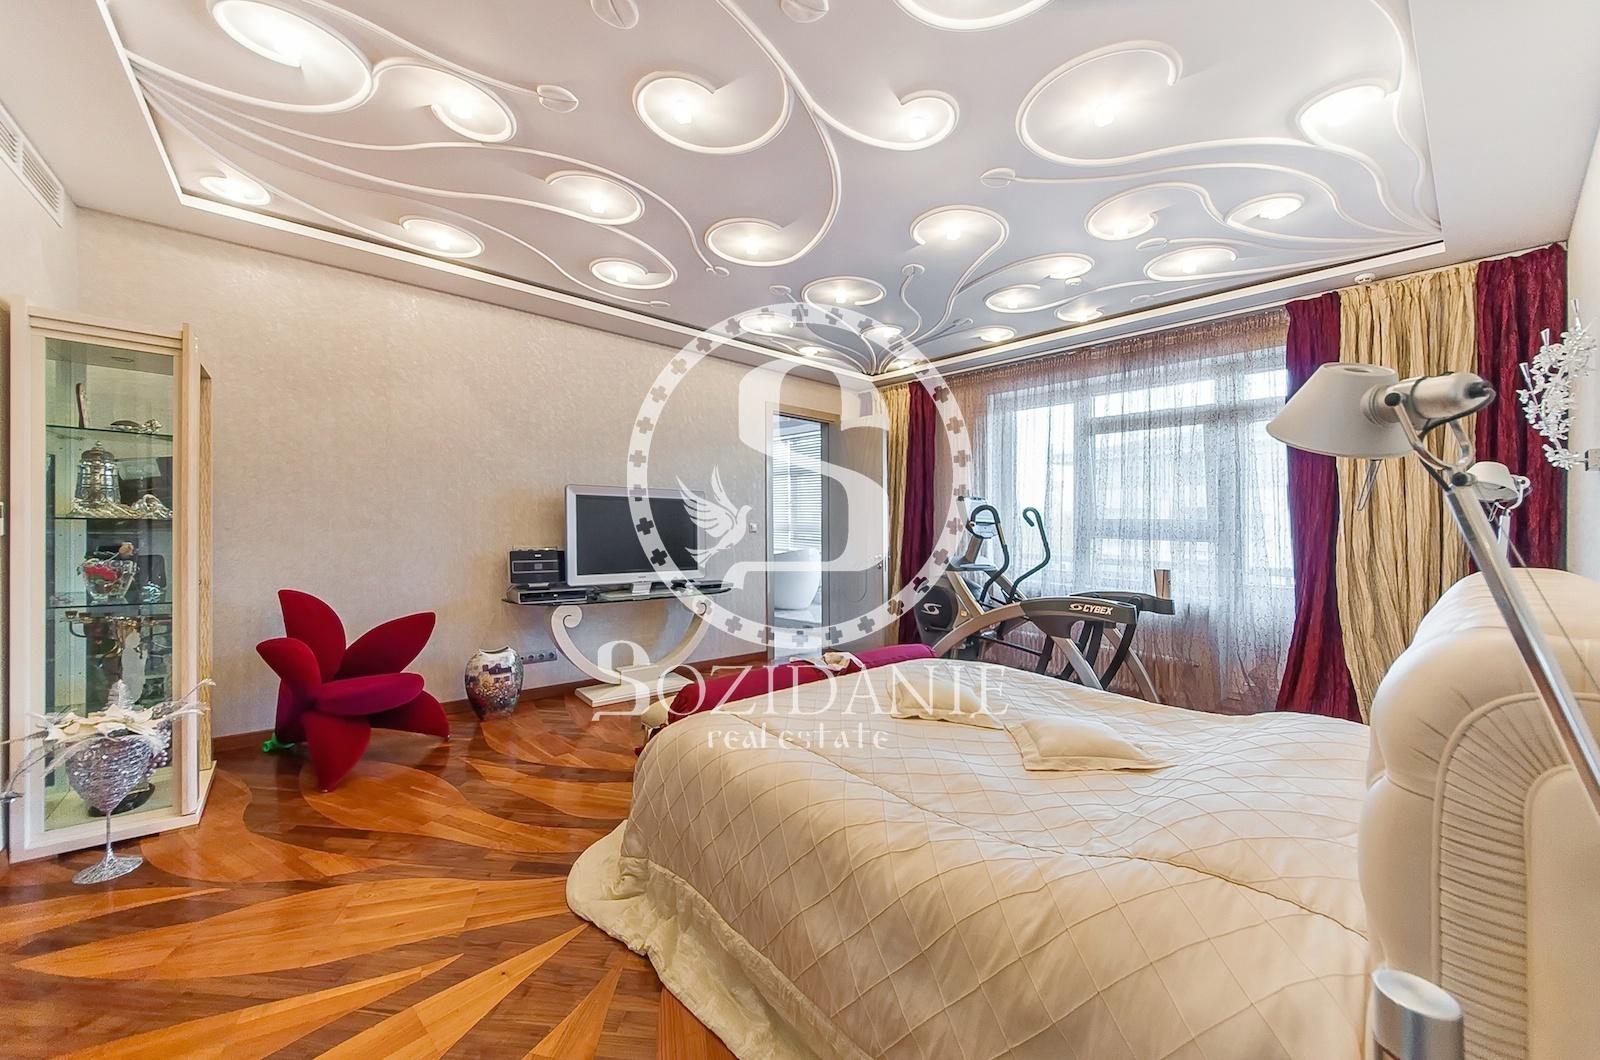 7 Комнаты, Городская, Продажа, Островной проезд, Listing ID 1330, Москва, Россия,